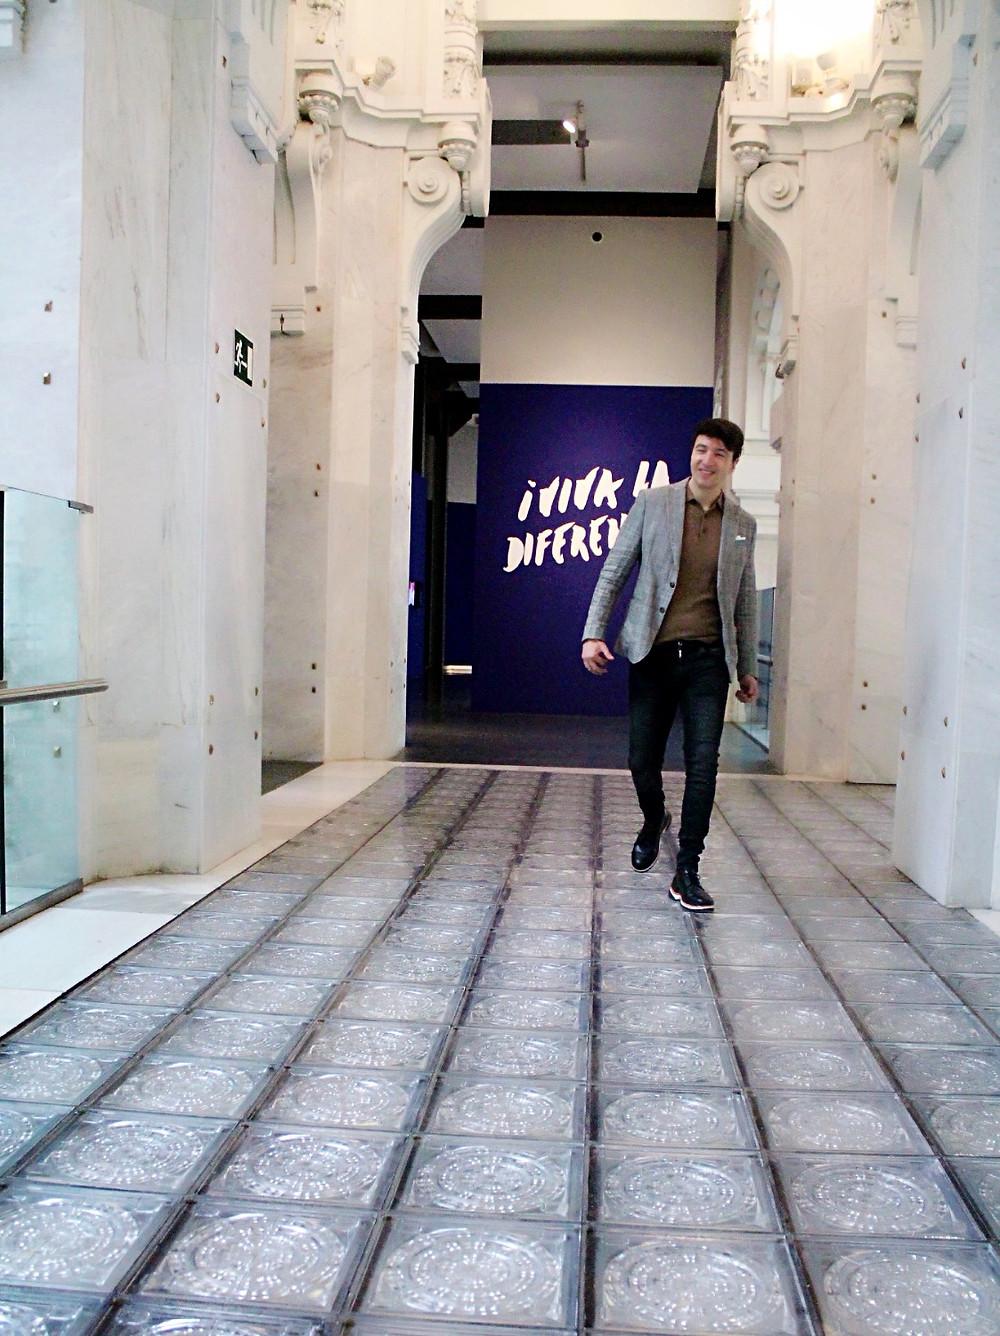 Miguel Biedma saliendo de la exposición Viva la Diferencia en Madrid